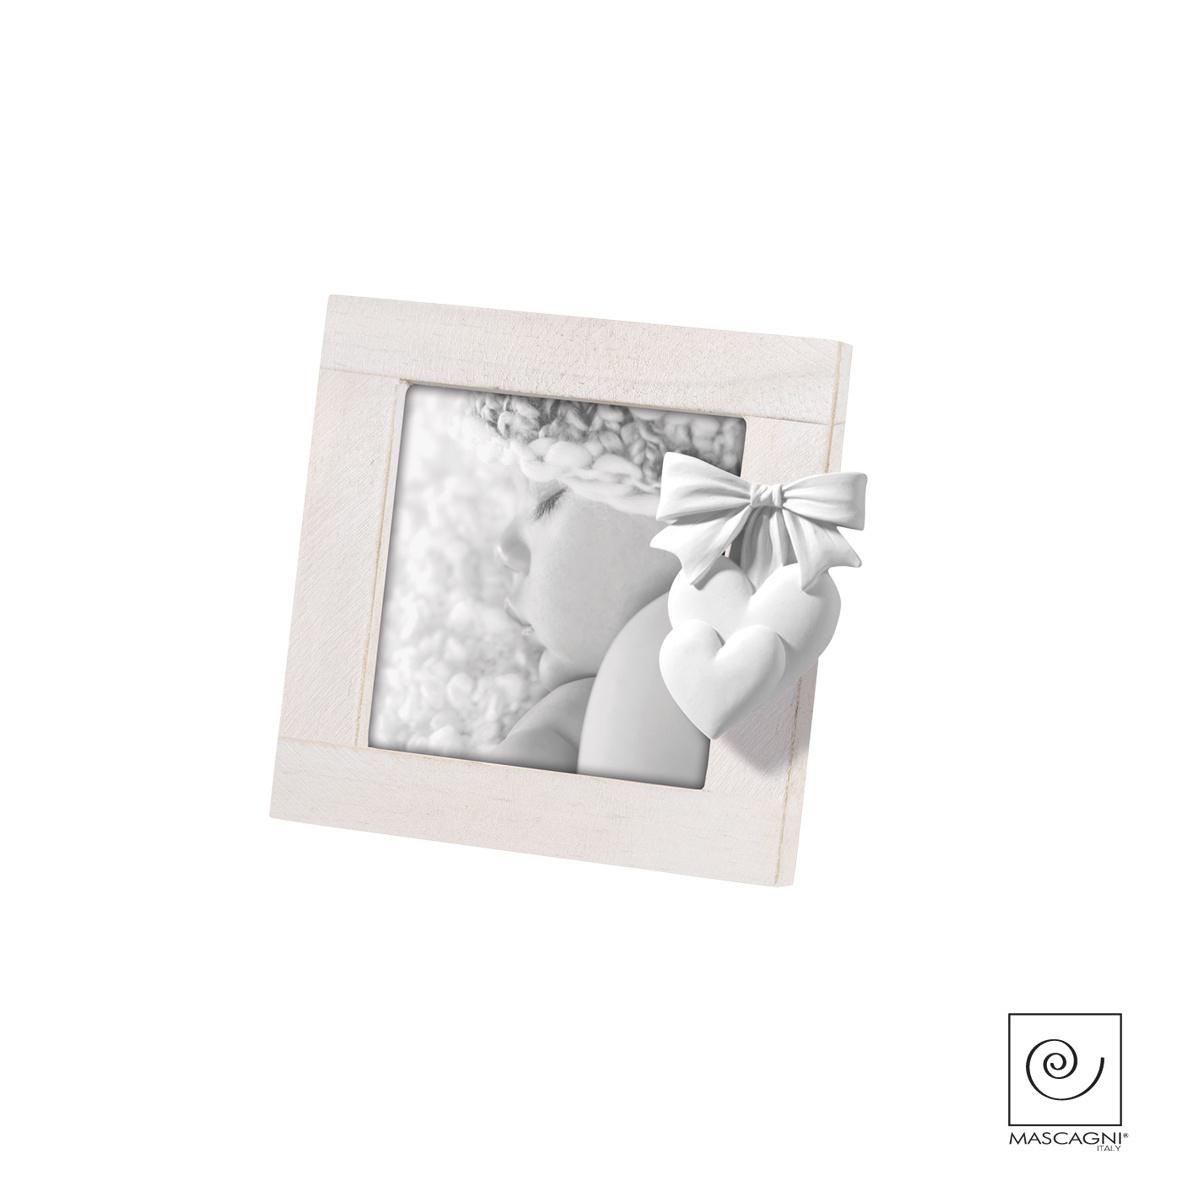 Art Mascagni A648 PHOTO FRAME 10X10 - COL.WHITE